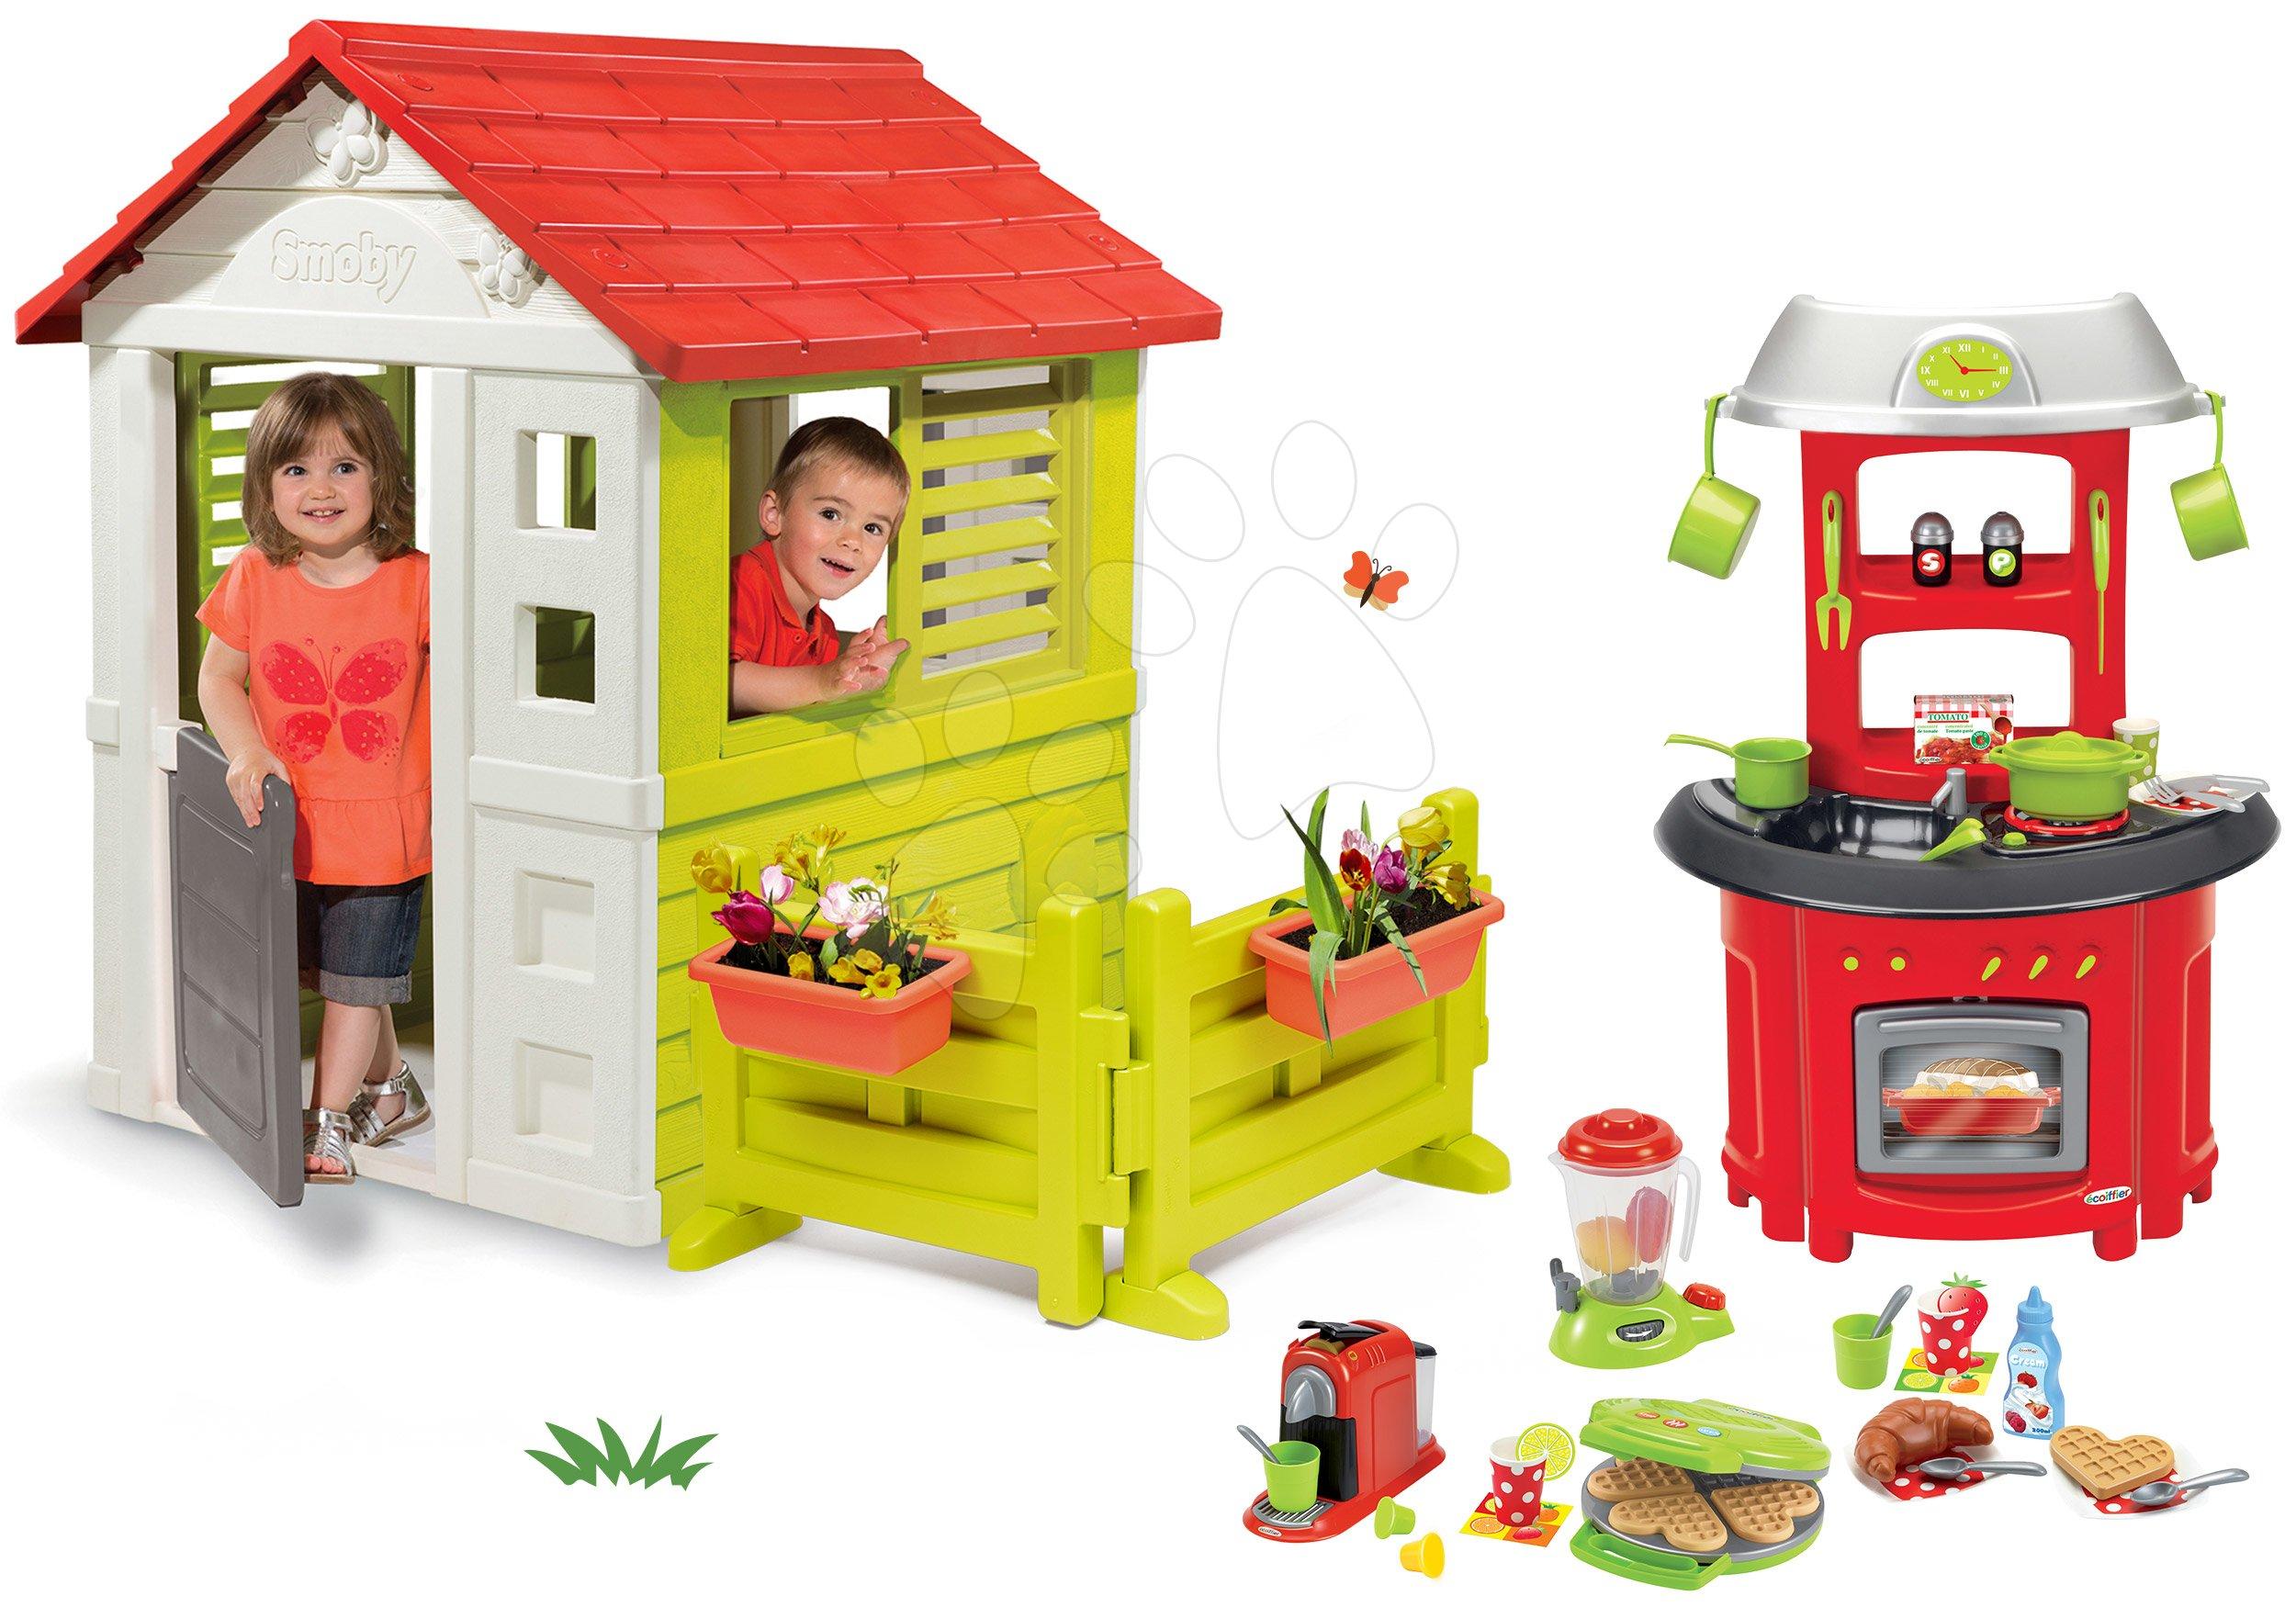 Set domček Lovely Smoby s kuchynkou v záhradke a vaflovač s kávovarom a potravinami